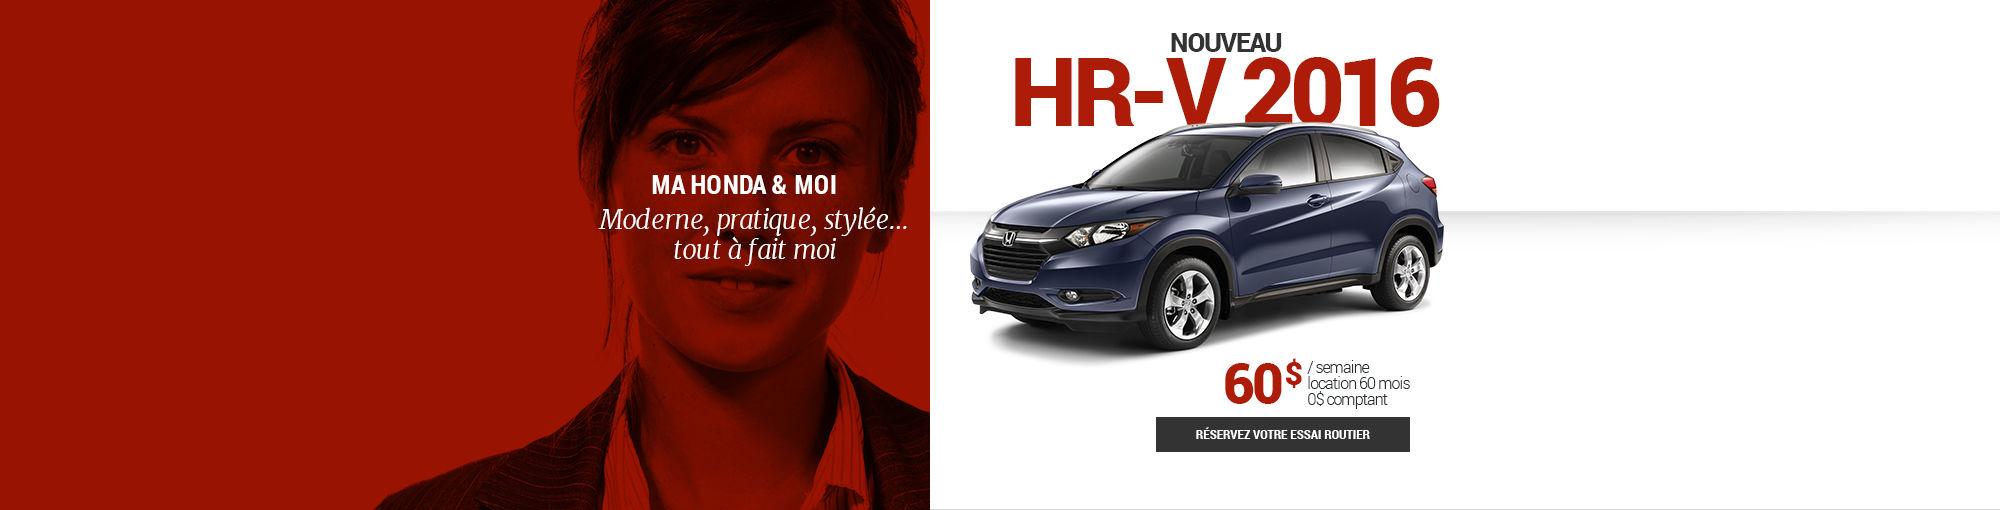 HR-V 2016 septembre 2015